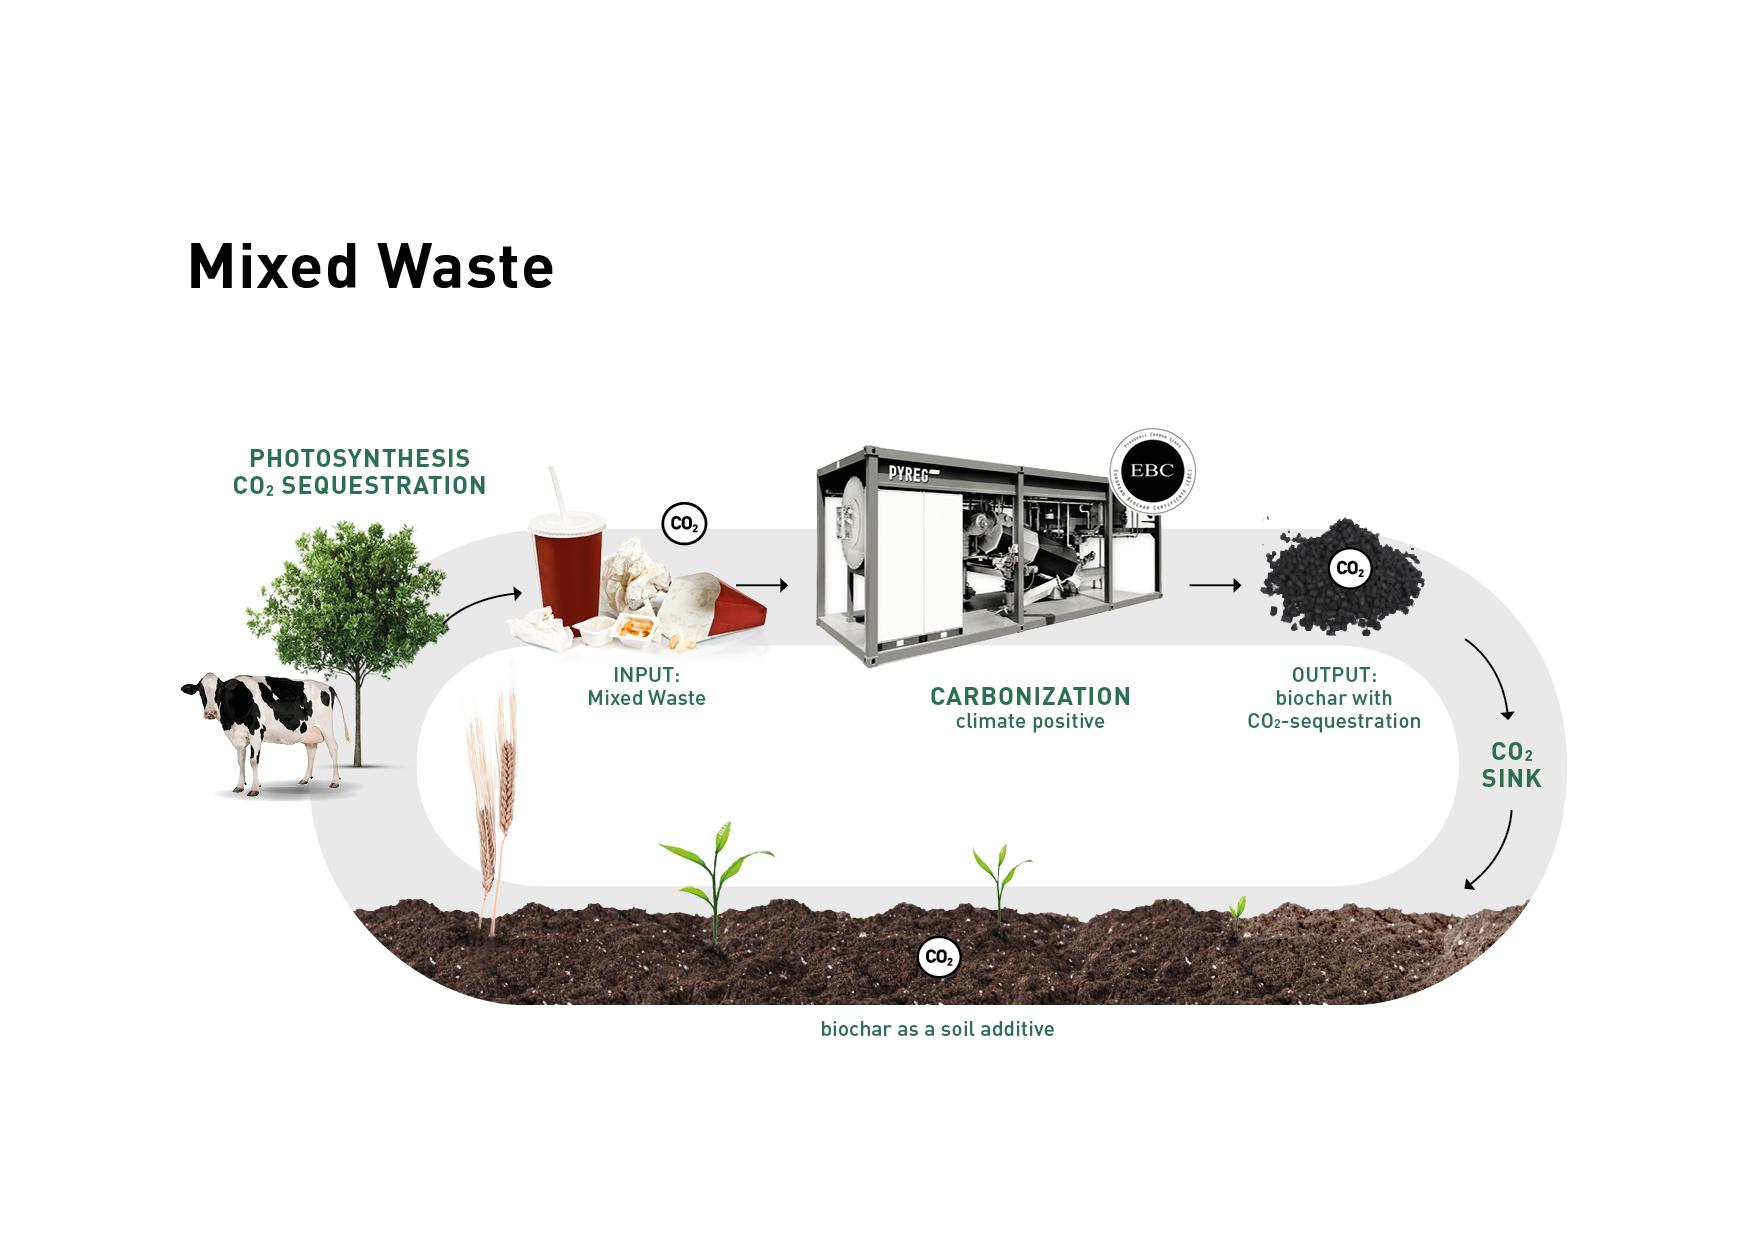 Kreislaufwirtschaft circular economy mixed waste klein